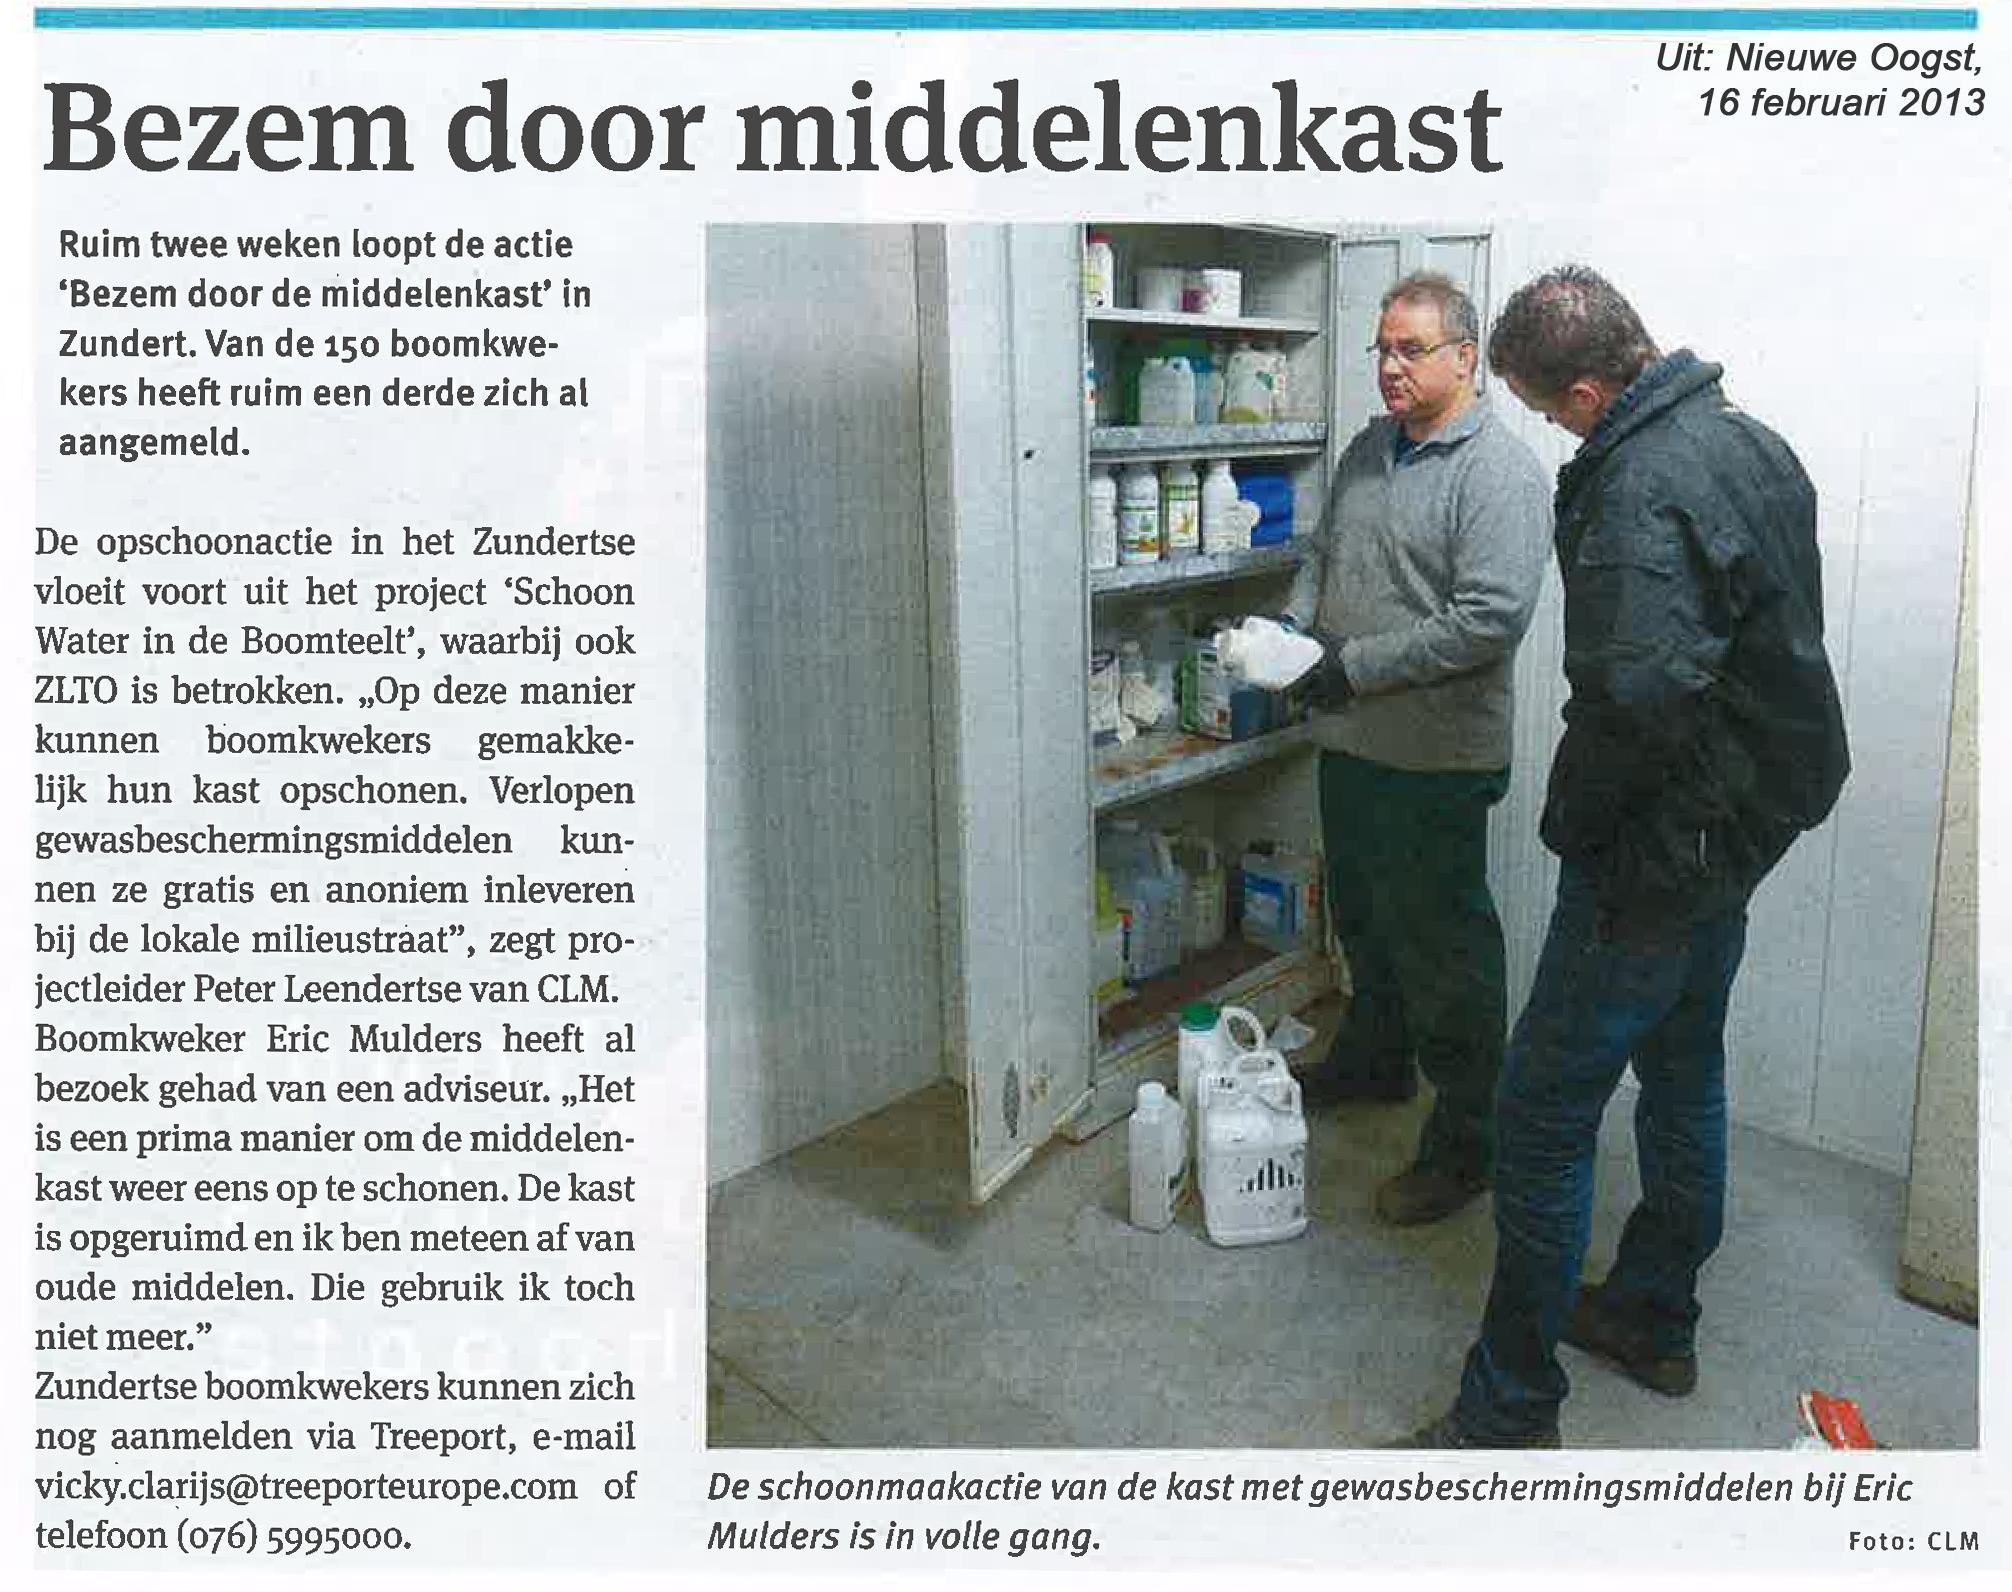 Artikel Bezem door middelenkast in Nieuwe Oogst, 16 februari